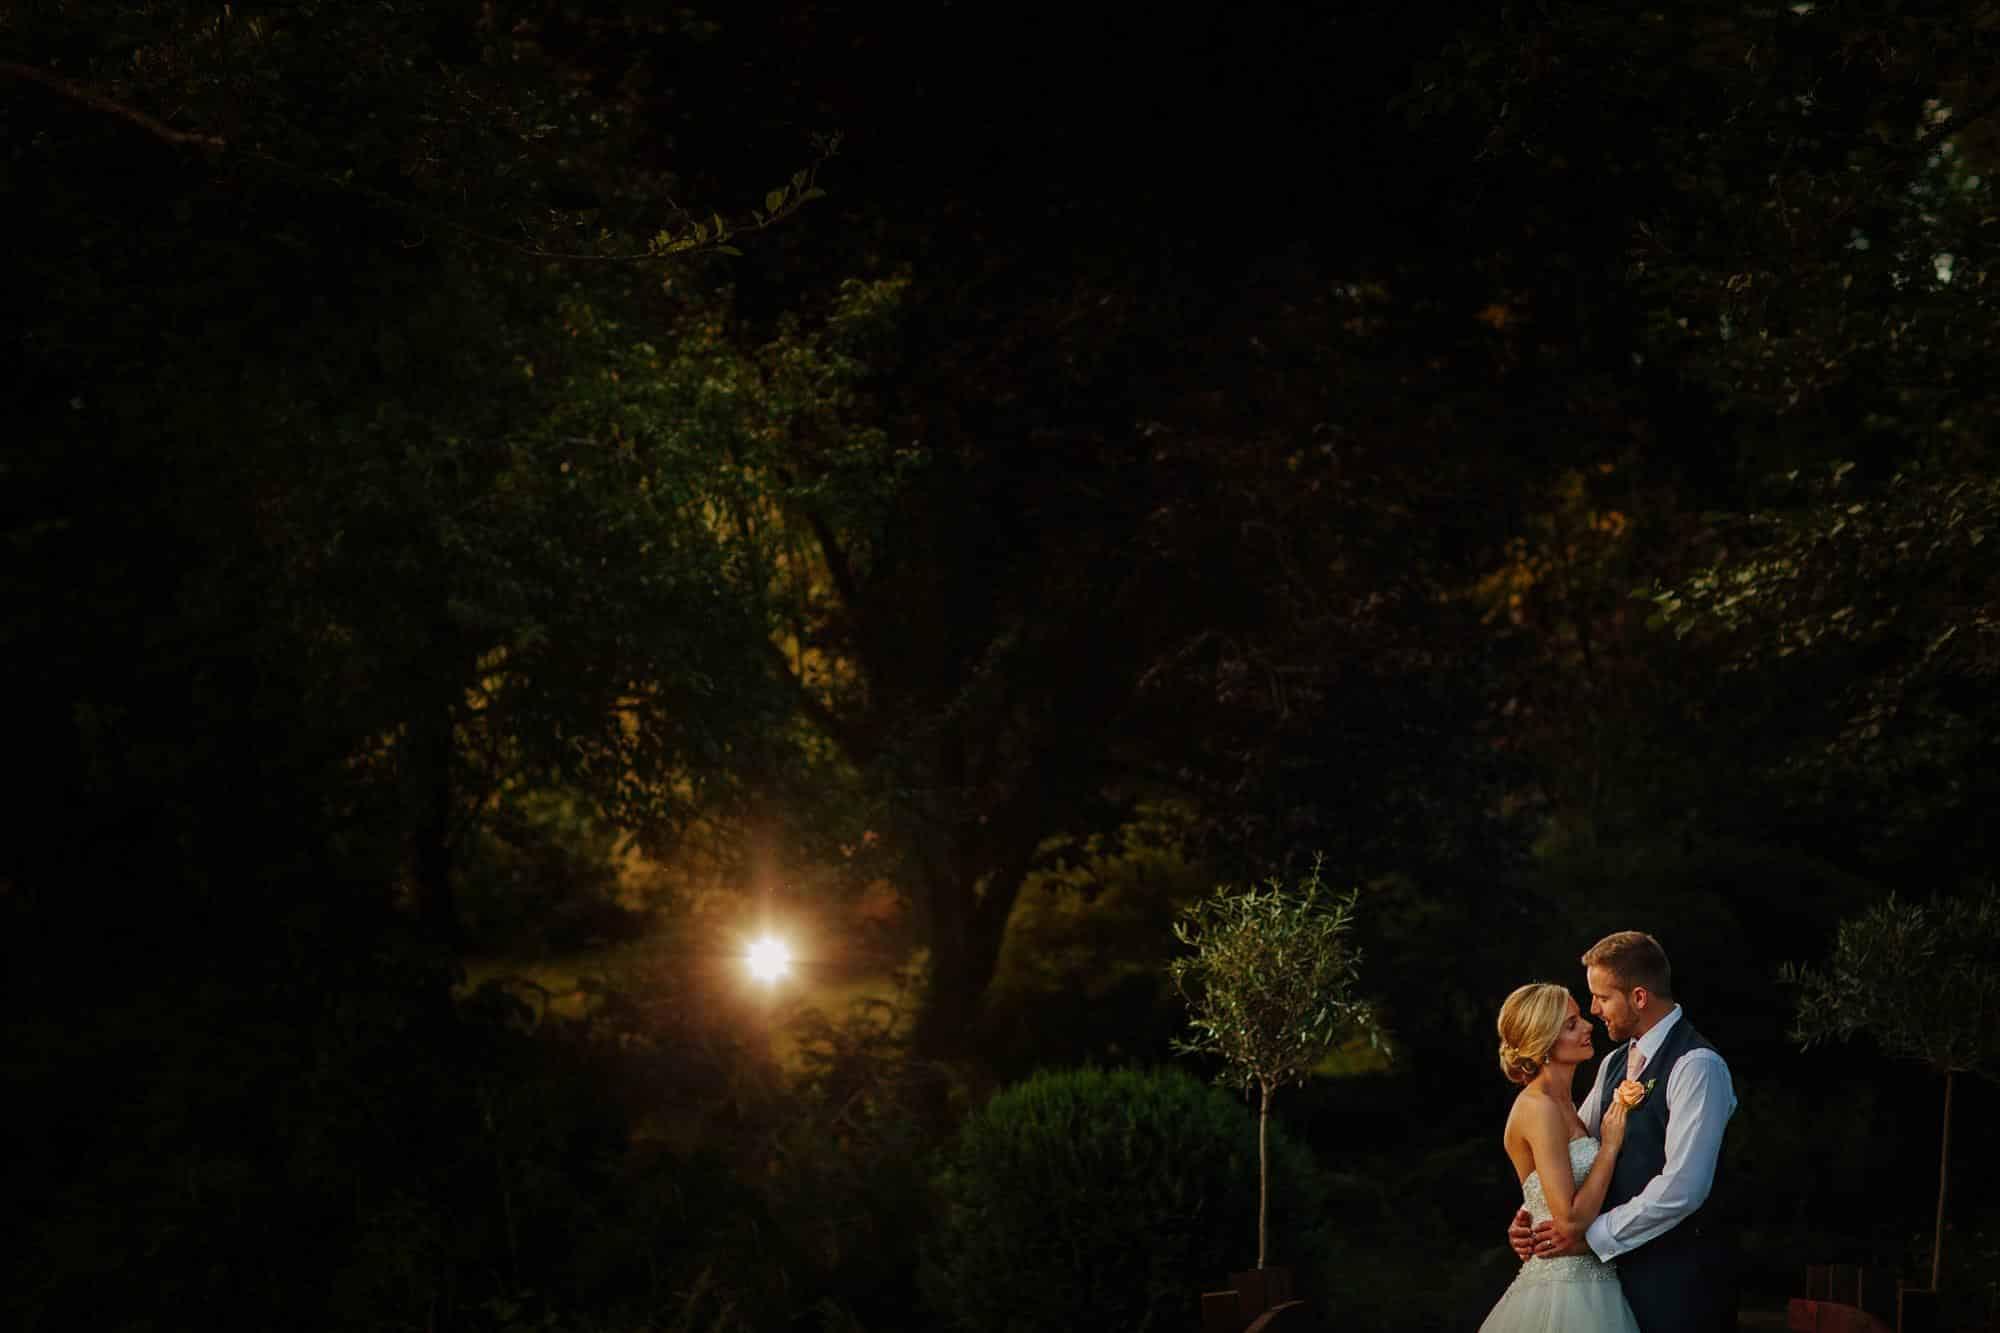 shropshire wedding photographer 1730